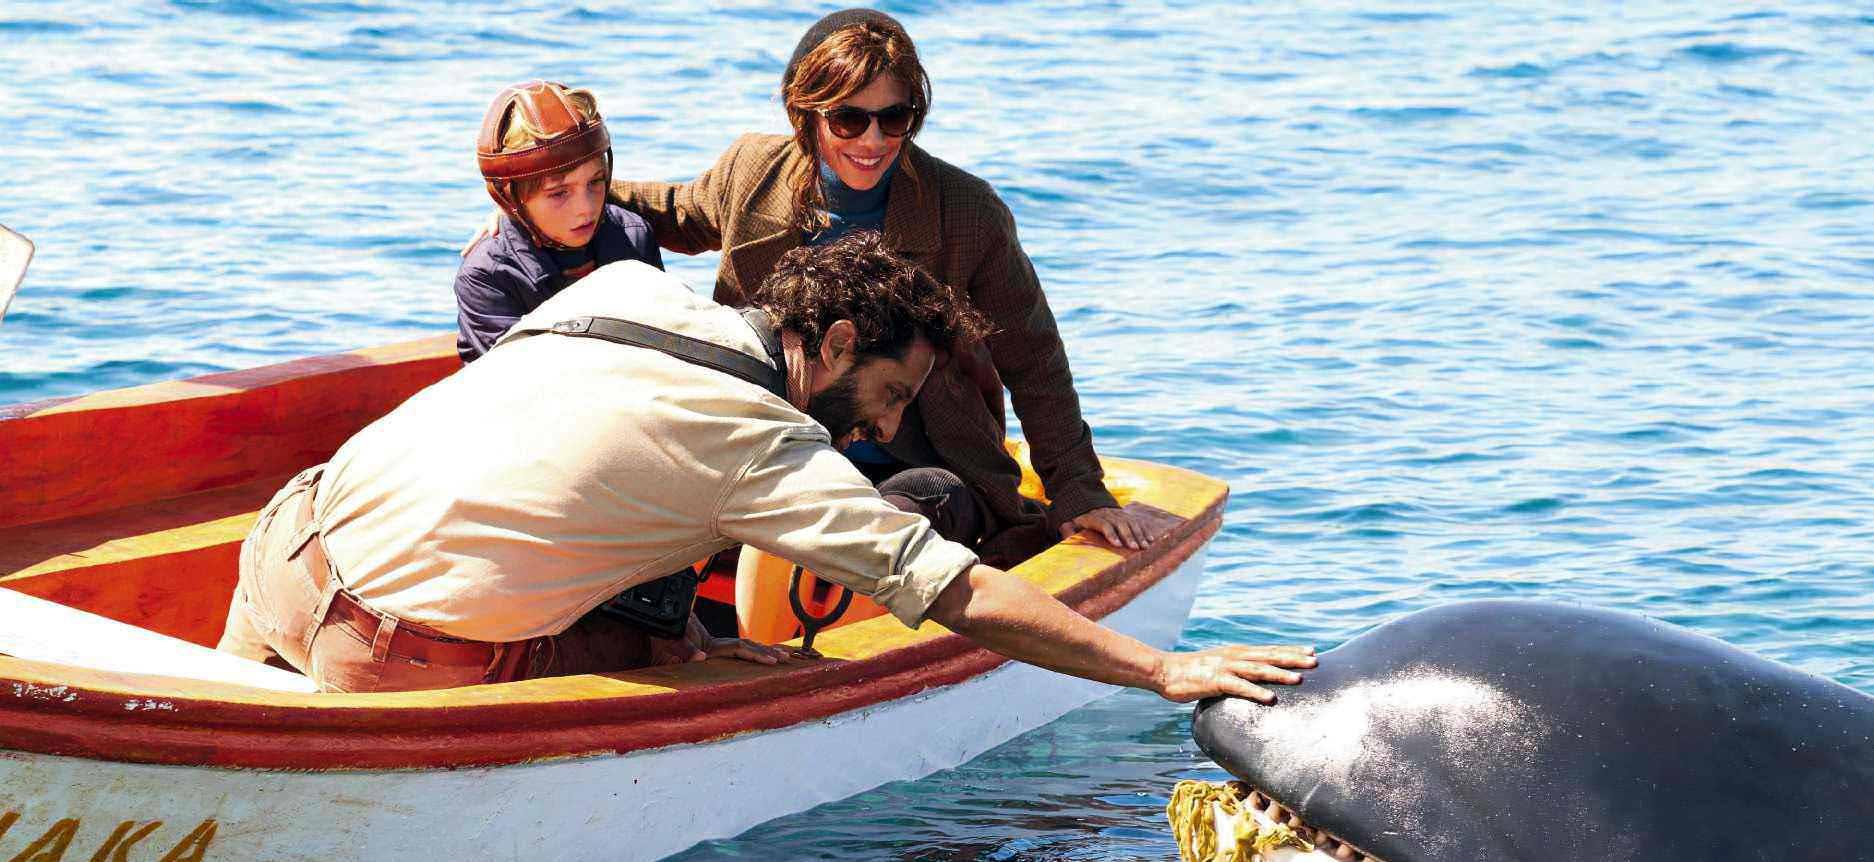 Maribel-Verd-El-faro-de-las-orcas-Patagonia-Orcas-Pelcula-espaola-Actriz-espaola-Cine-espaol-Premios-Goya-Fuerteventura.jpg